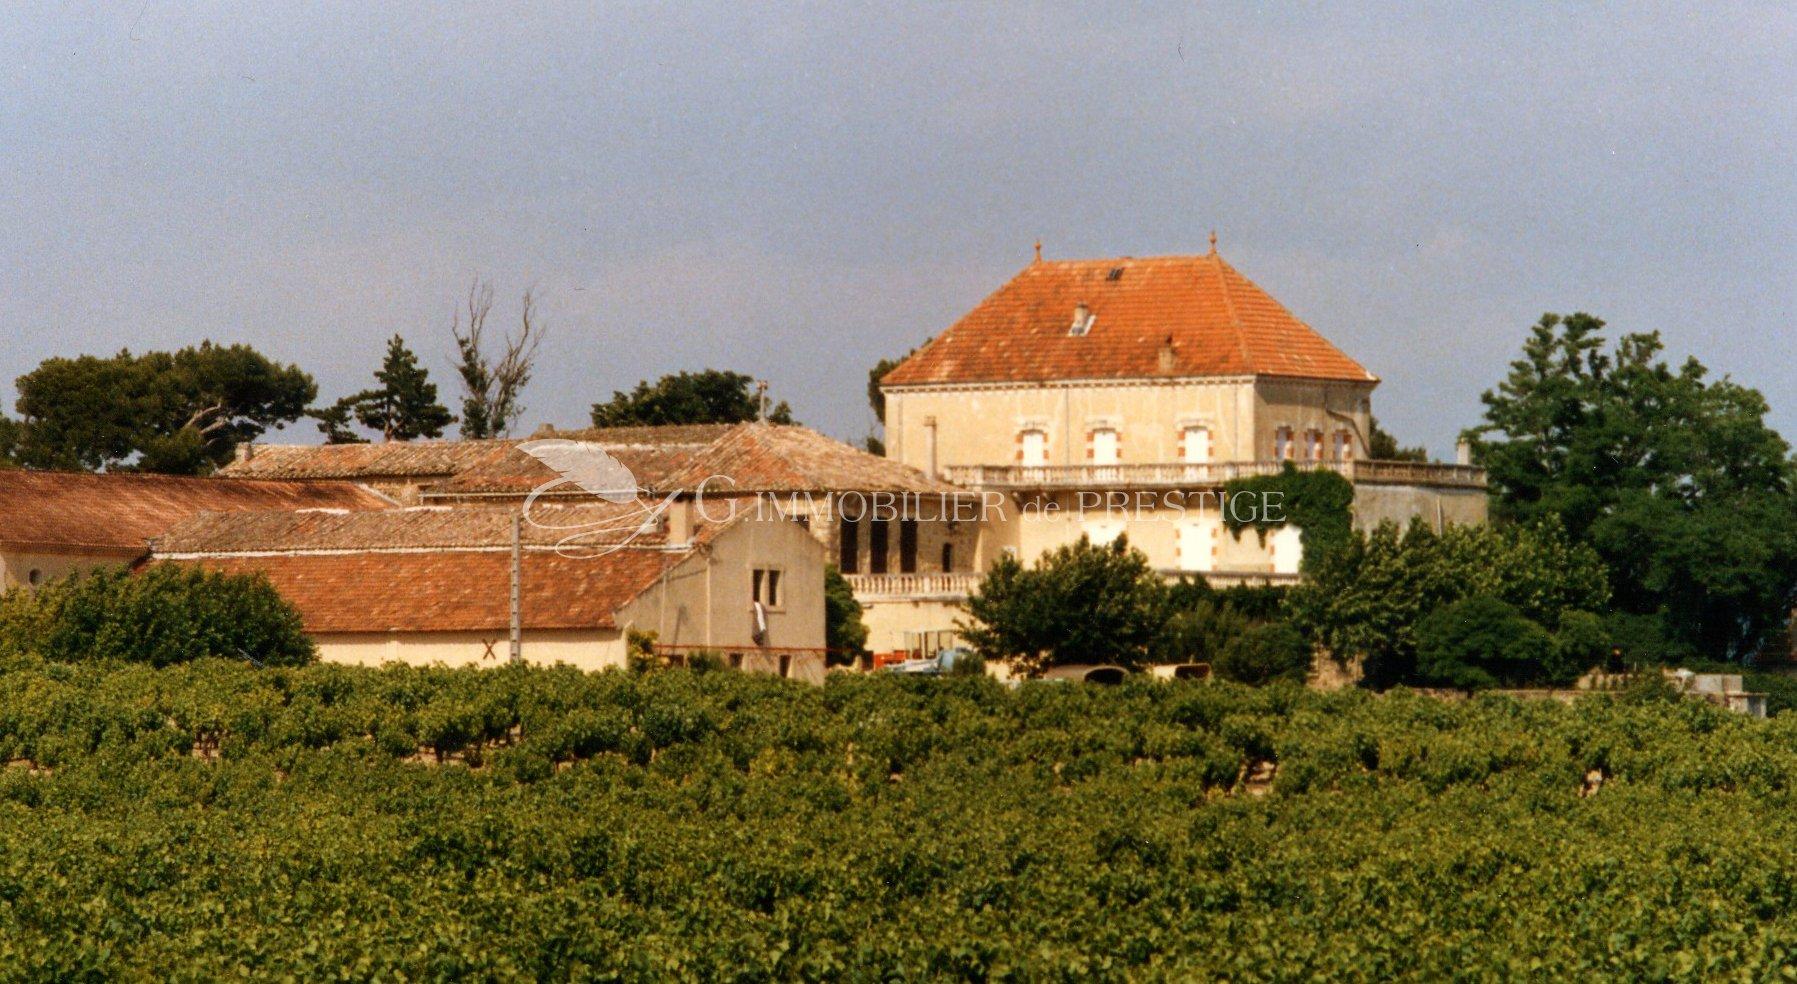 immobilier prestige vaucluse un domaine viticole sur 110 hectares ch teaux et vignobles. Black Bedroom Furniture Sets. Home Design Ideas